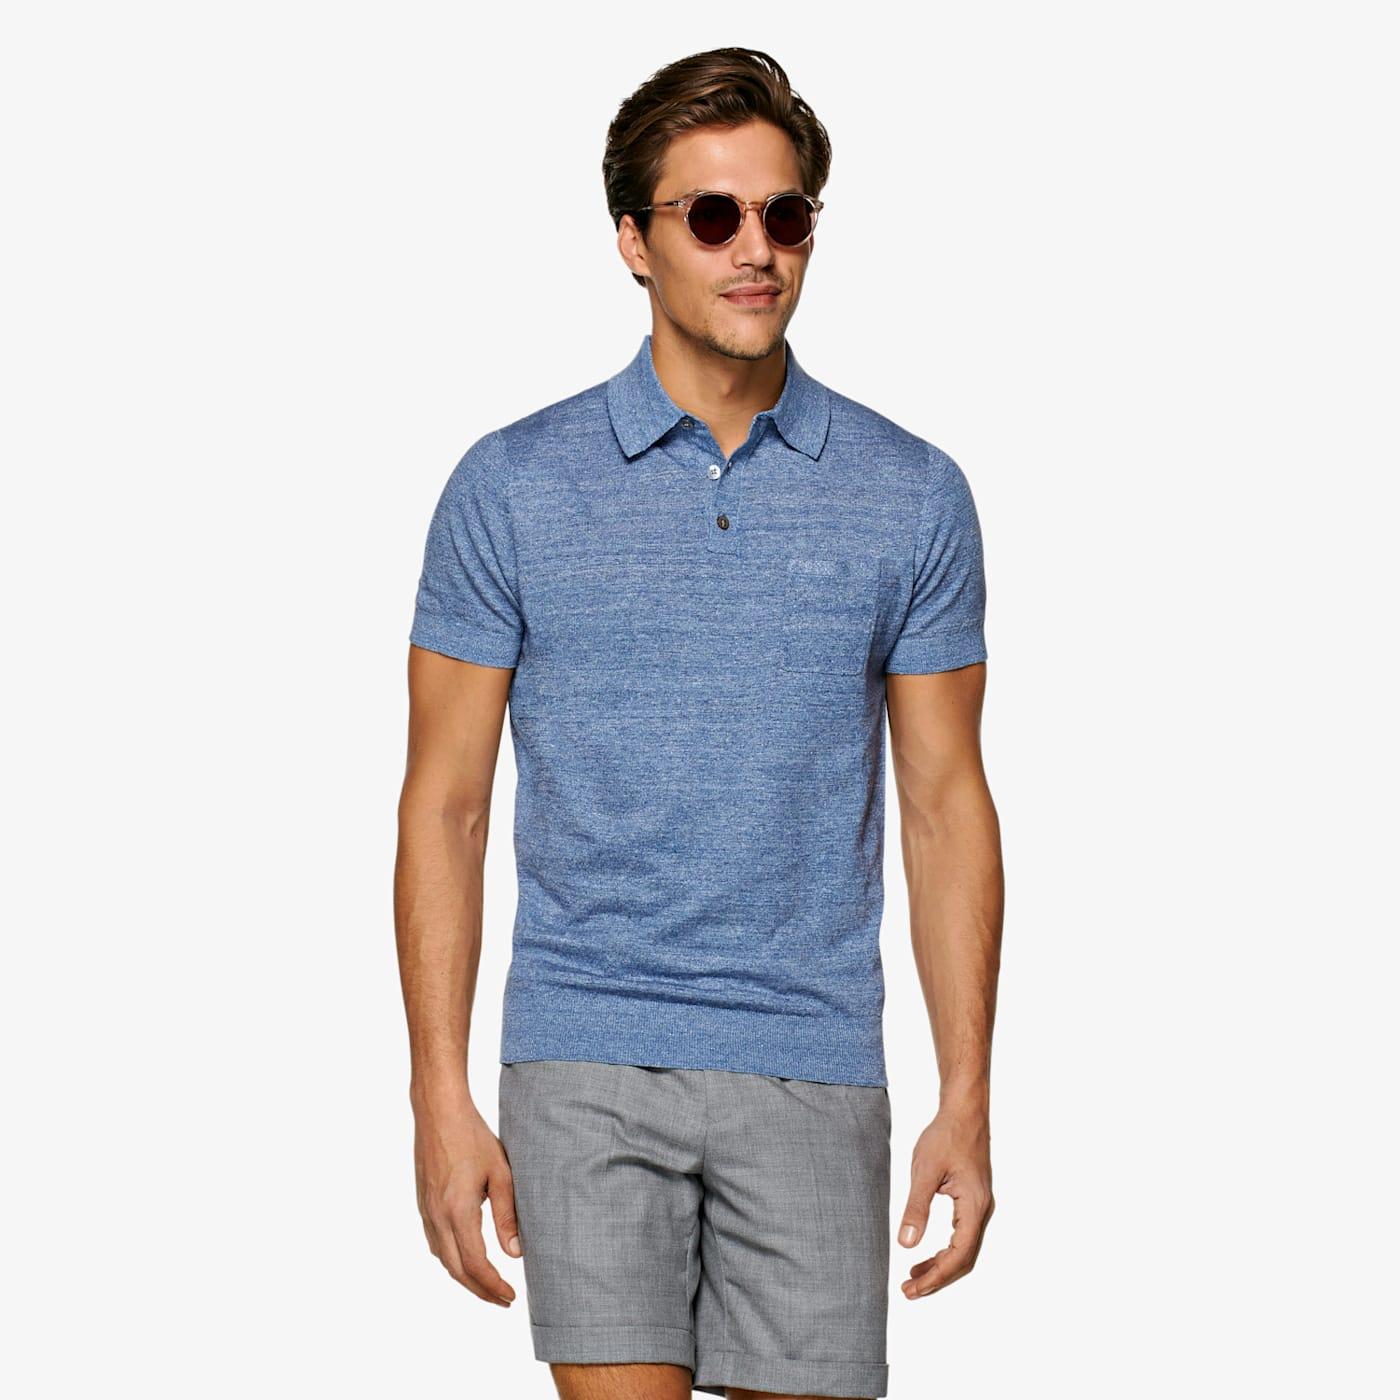 Artikel klicken und genauer betrachten! - Dieses leichte blaue Poloshirt besteht aus einer weichen, atmungsaktiven Leinen-Baumwoll-Mischung. In Slim Fit, mit feinen Ripp-Bündchen an Ärmeln und Saum, 3-Button Front und Brusttasche.   im Online Shop kaufen